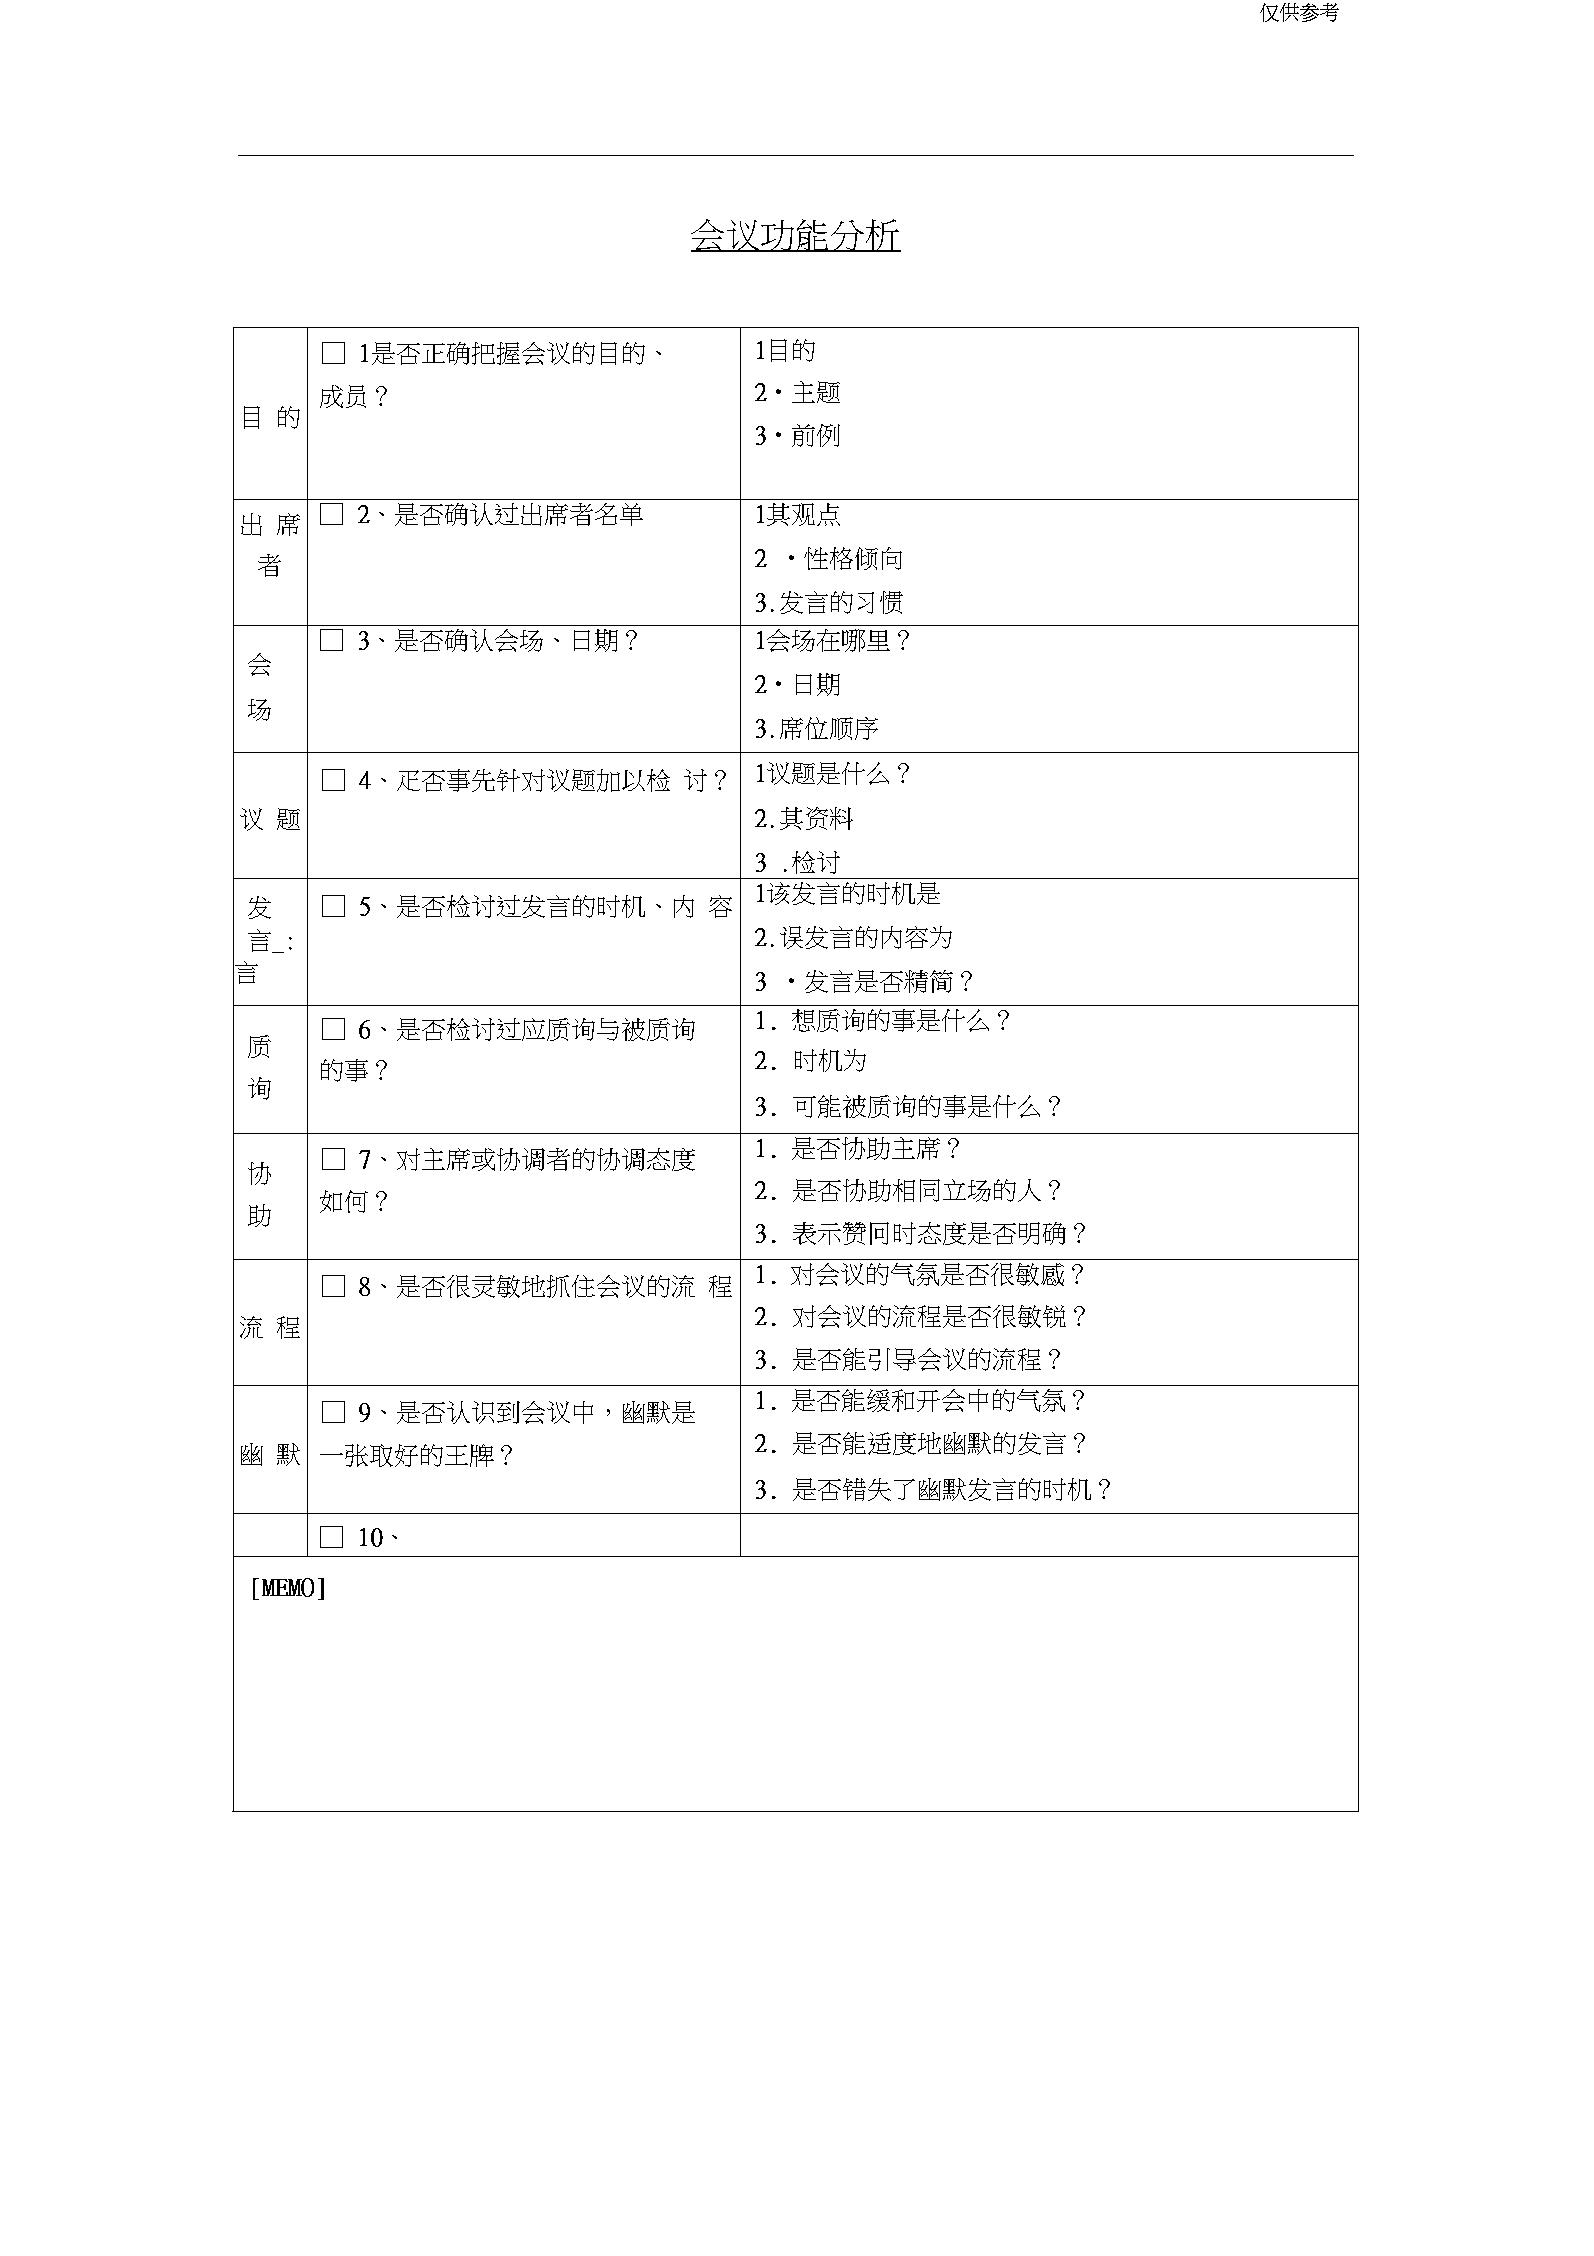 会议功能分析.docx